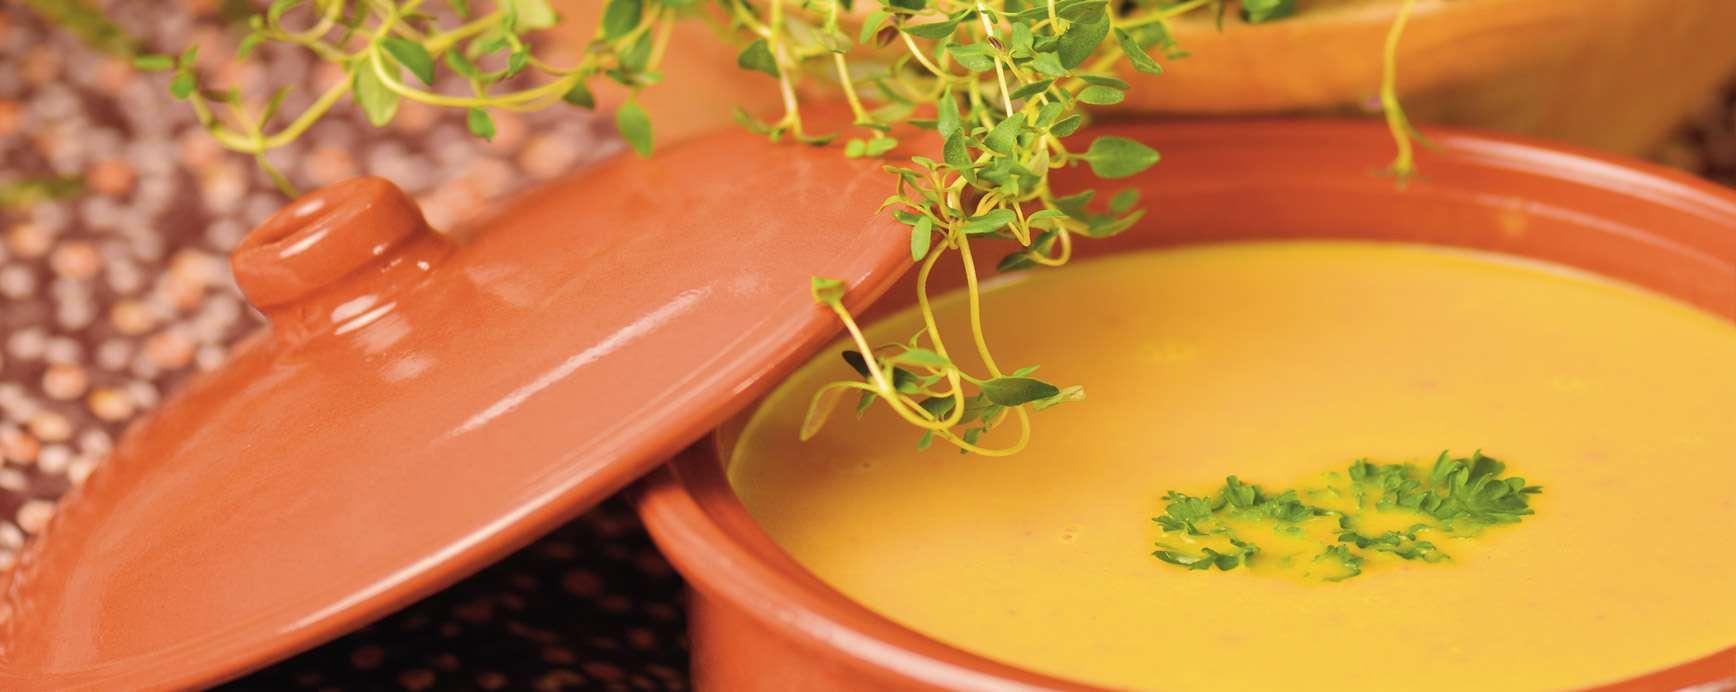 Recette de soupe de potiron africaine contre la perte d'énergie pendant les jours sombres